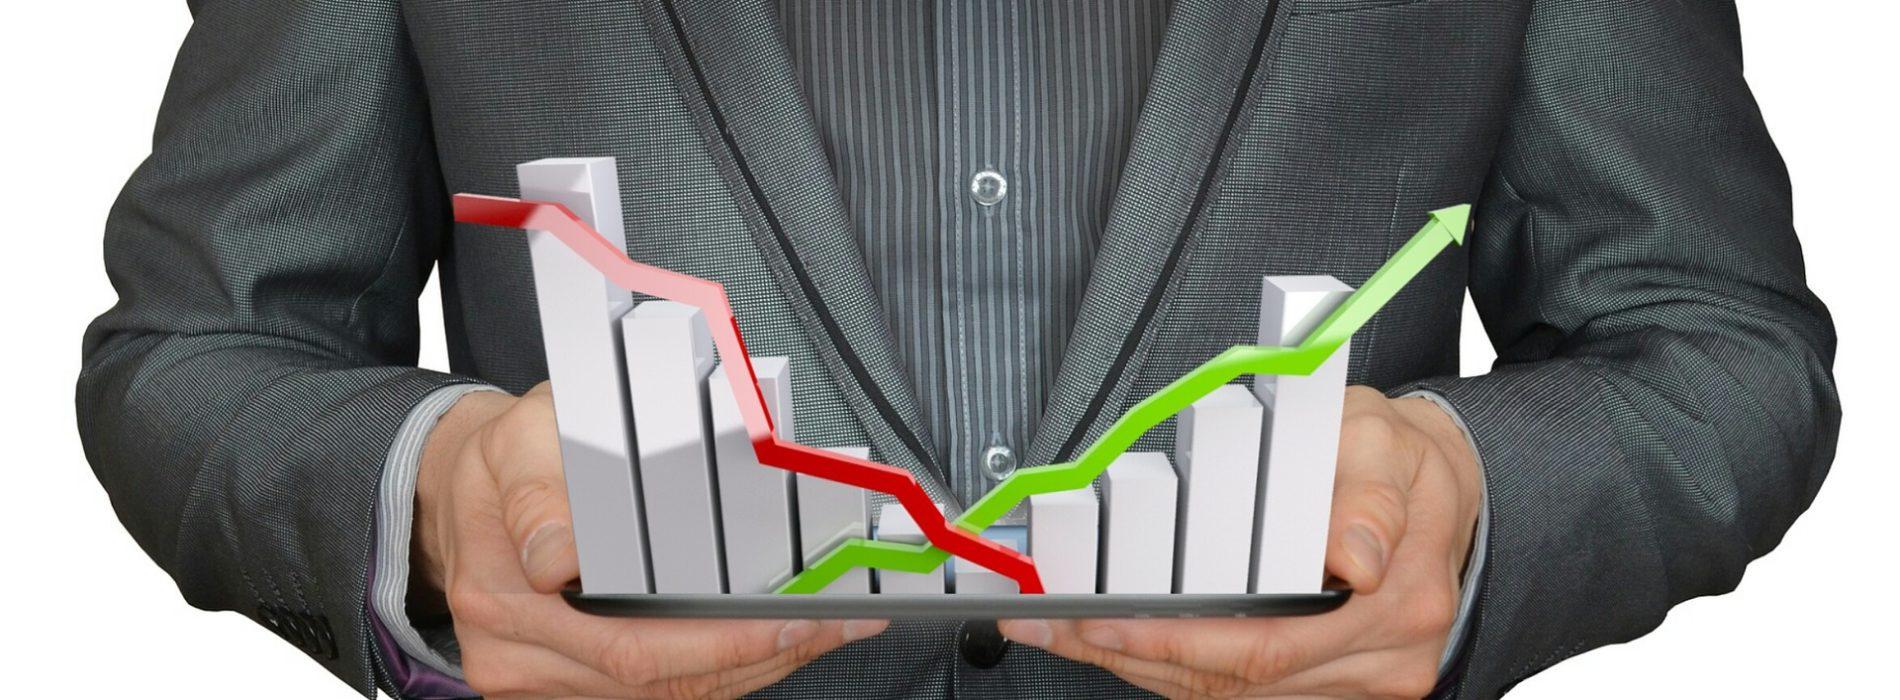 Od czego zacząć inwestowanie?